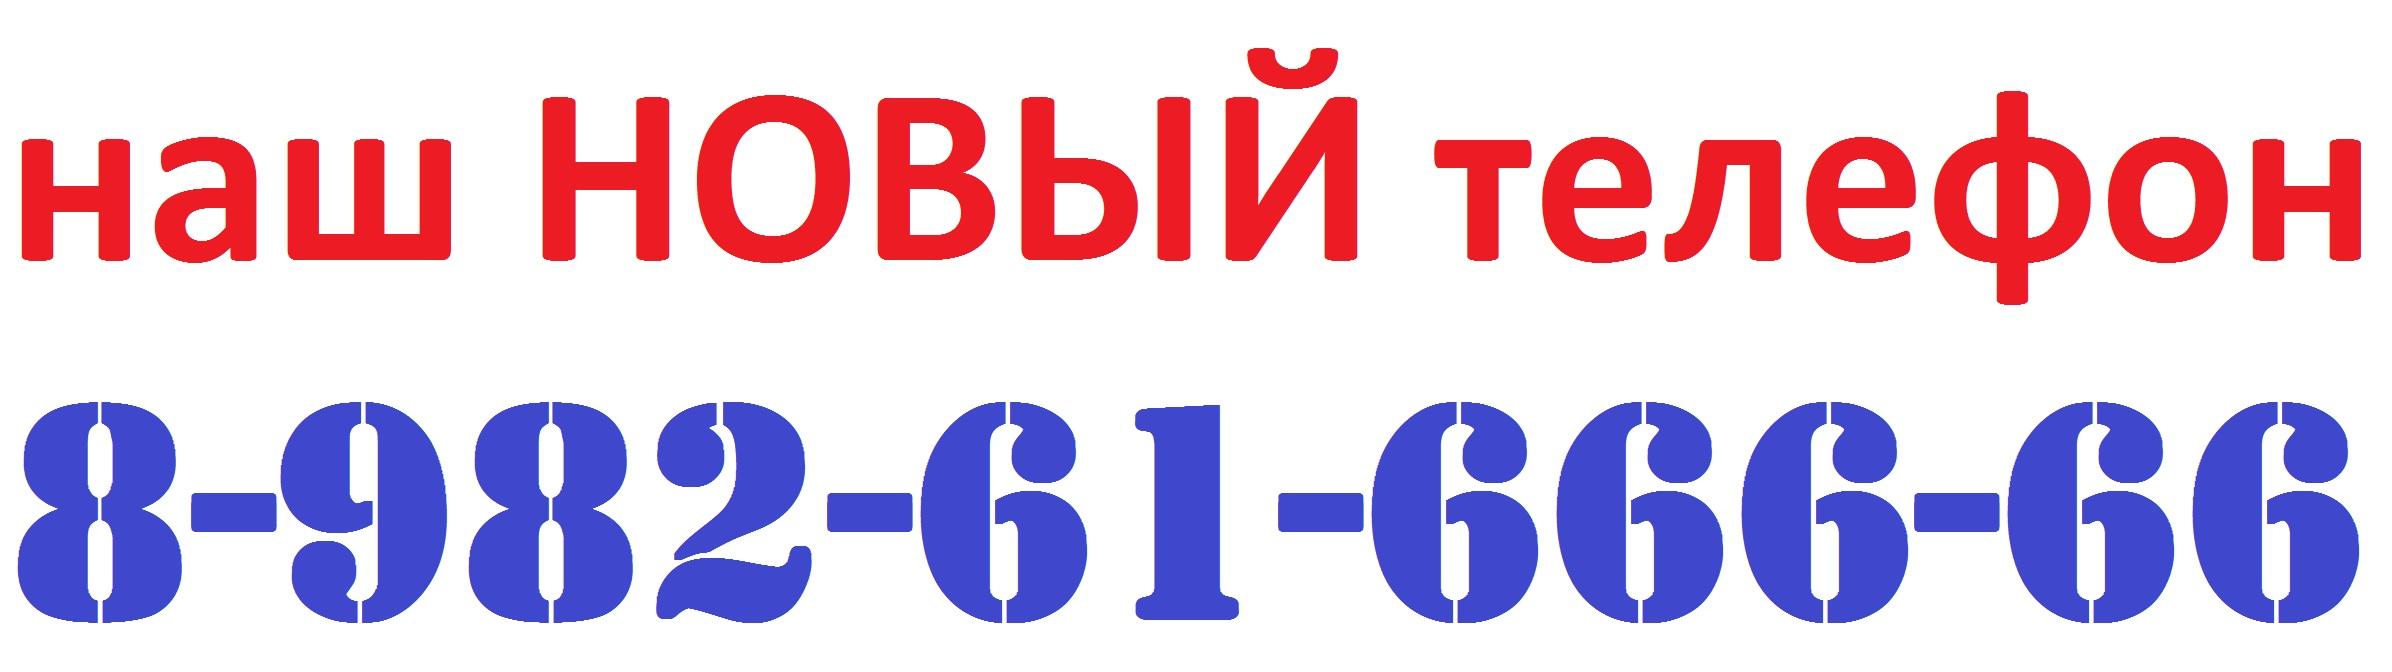 Новый___телефона.jpg